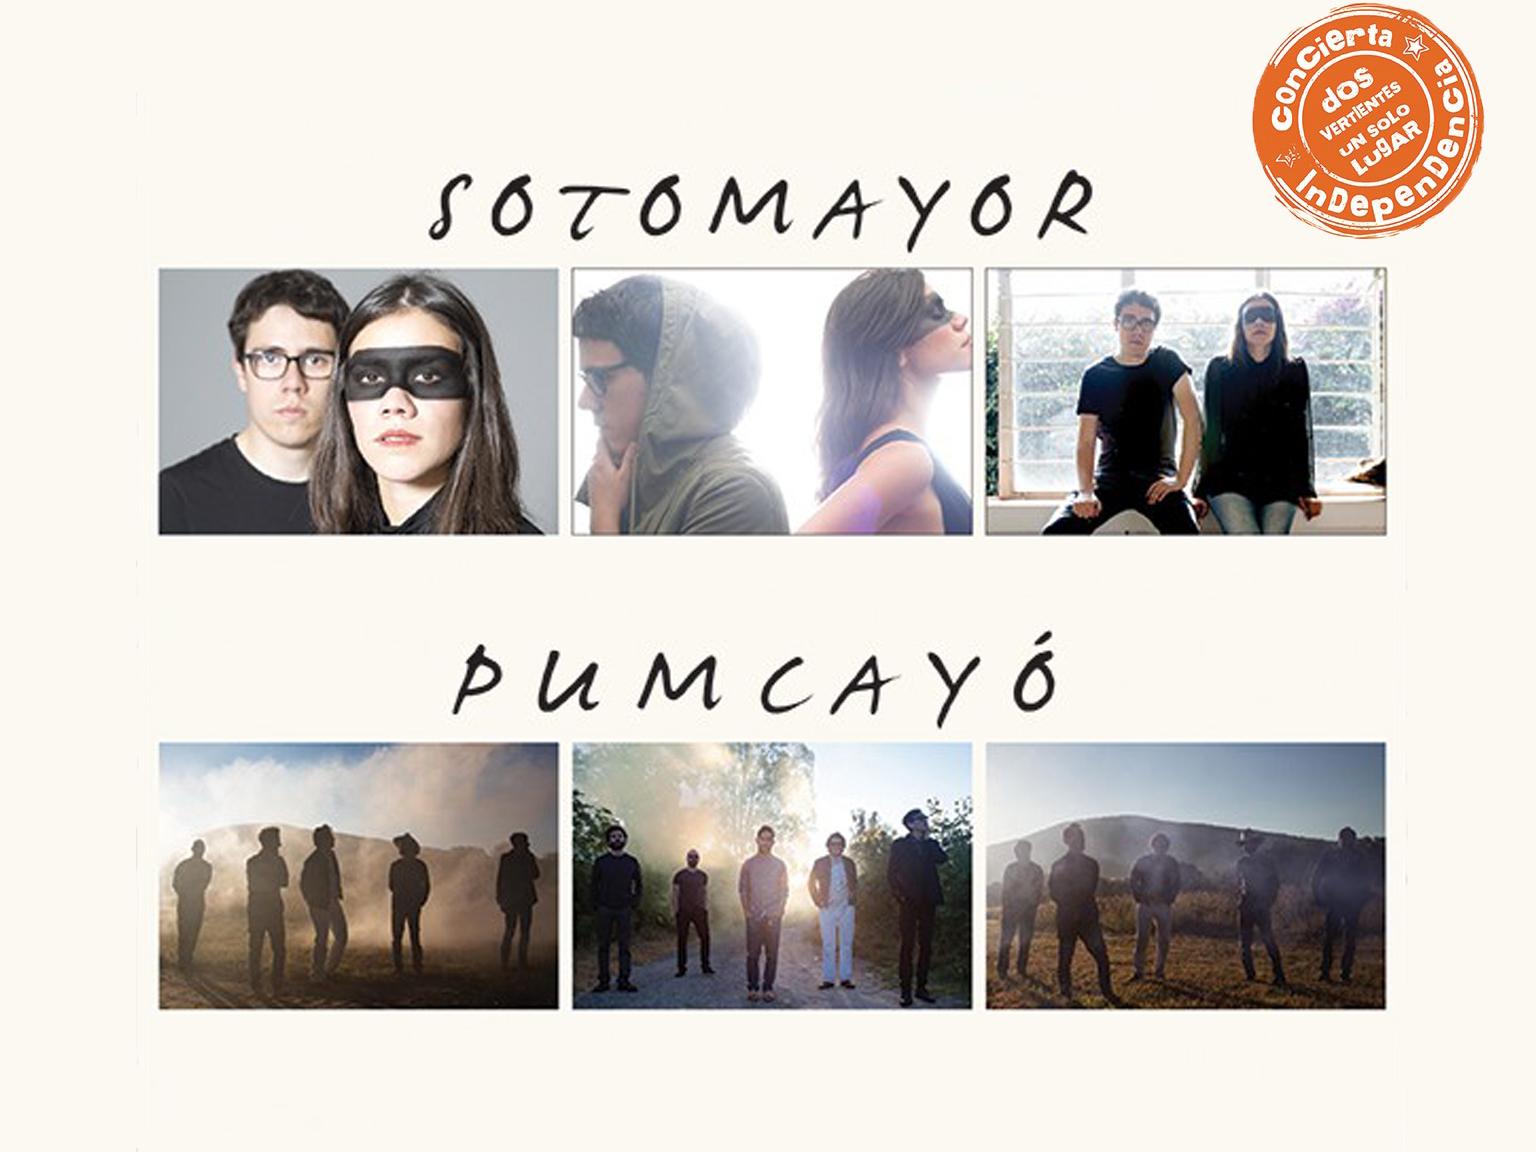 Gana boletos para ver a Pumcayó y Sotomayor en el Lunario